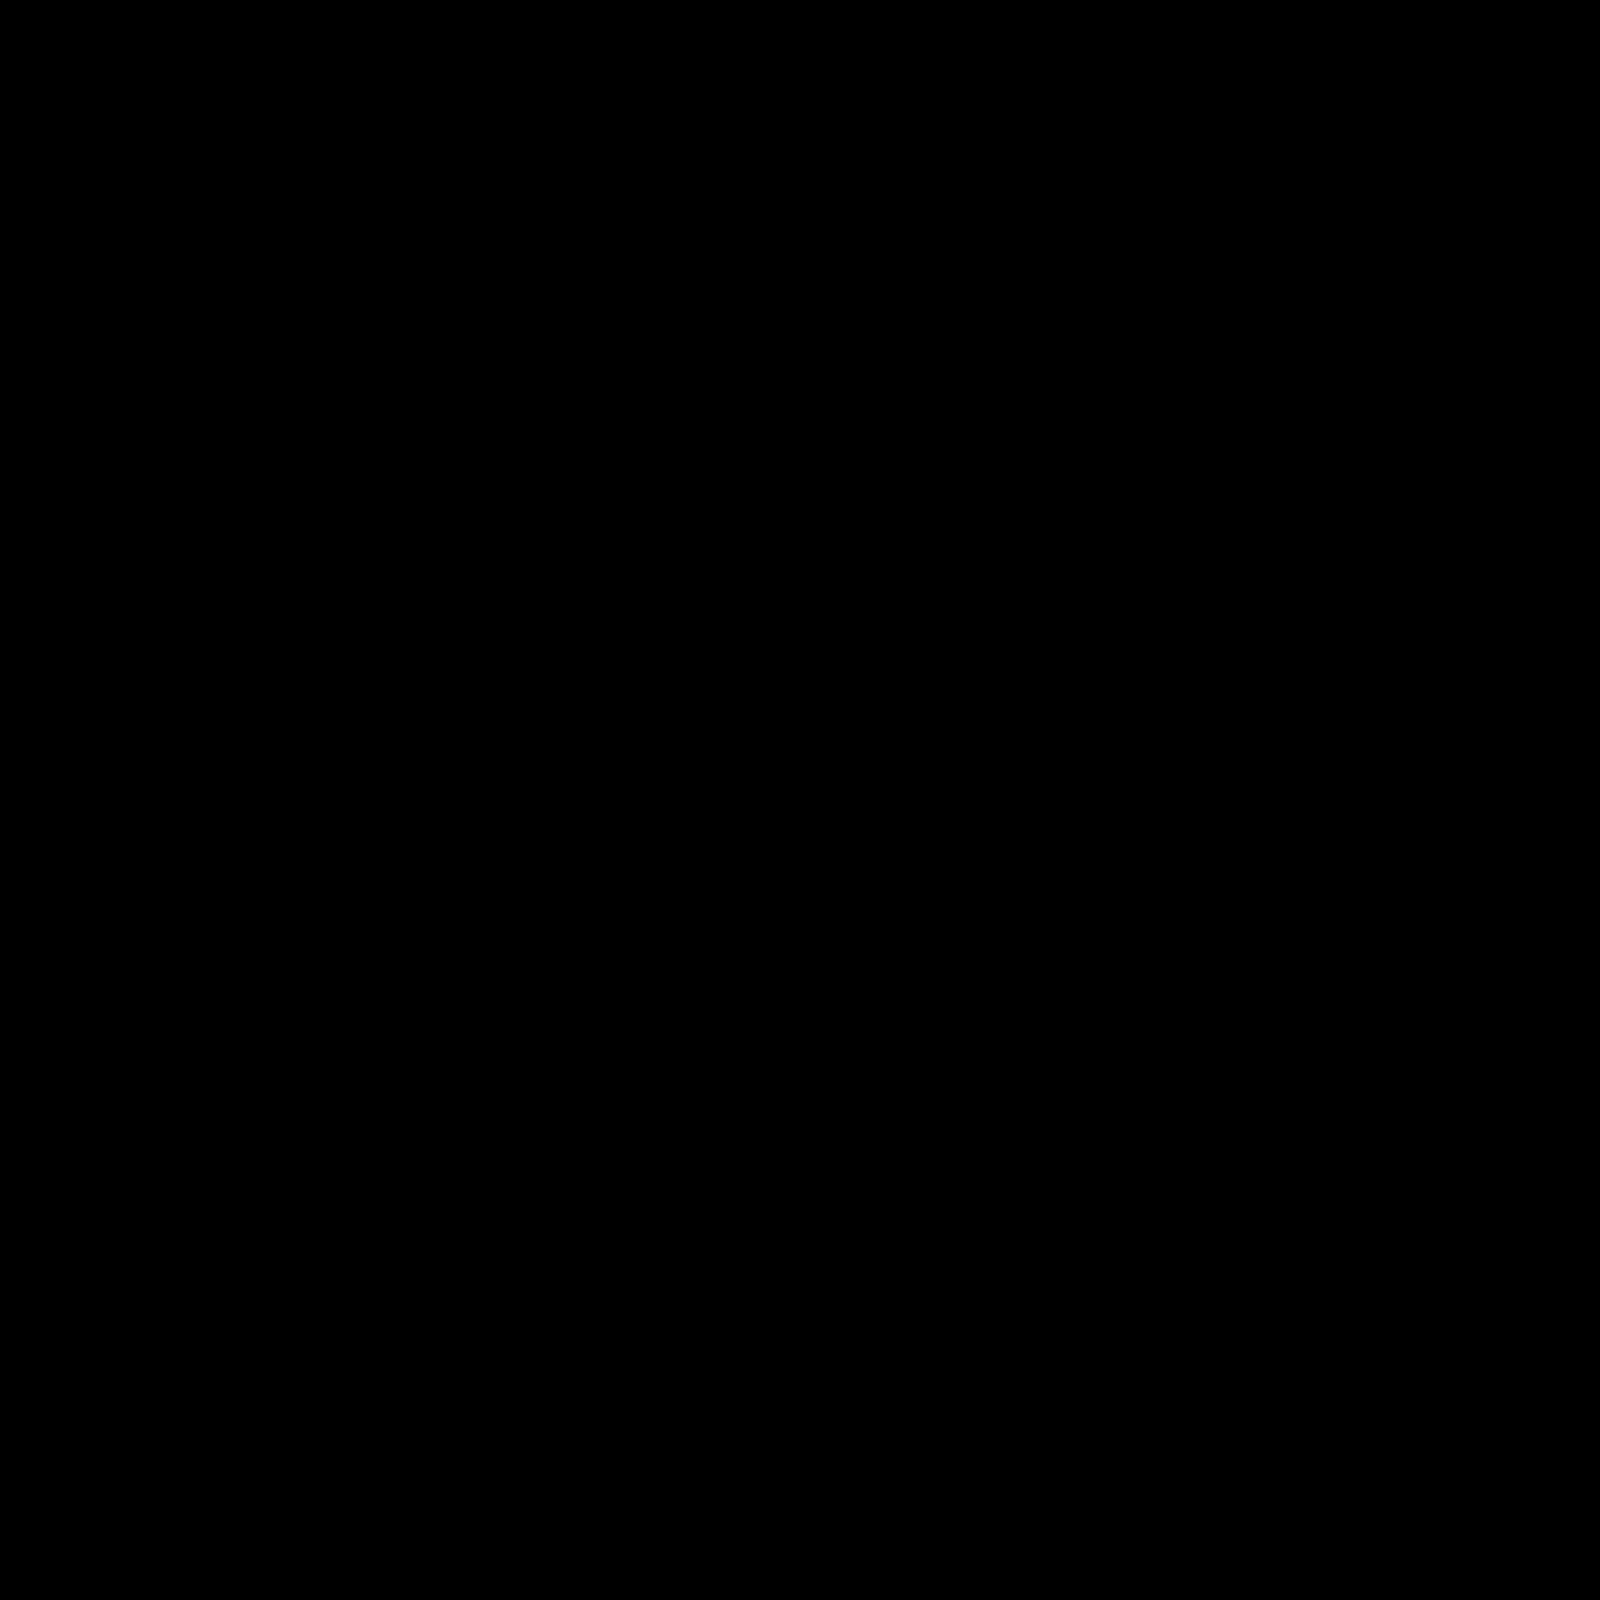 彗星 icon. It's a logo of a circle in the lower left and then around the circle, which is the comet, is a large image enveloping the circle of the fire trail which is circular on the lower left but going to the upper right becomes the tail with three sharp points coming out.